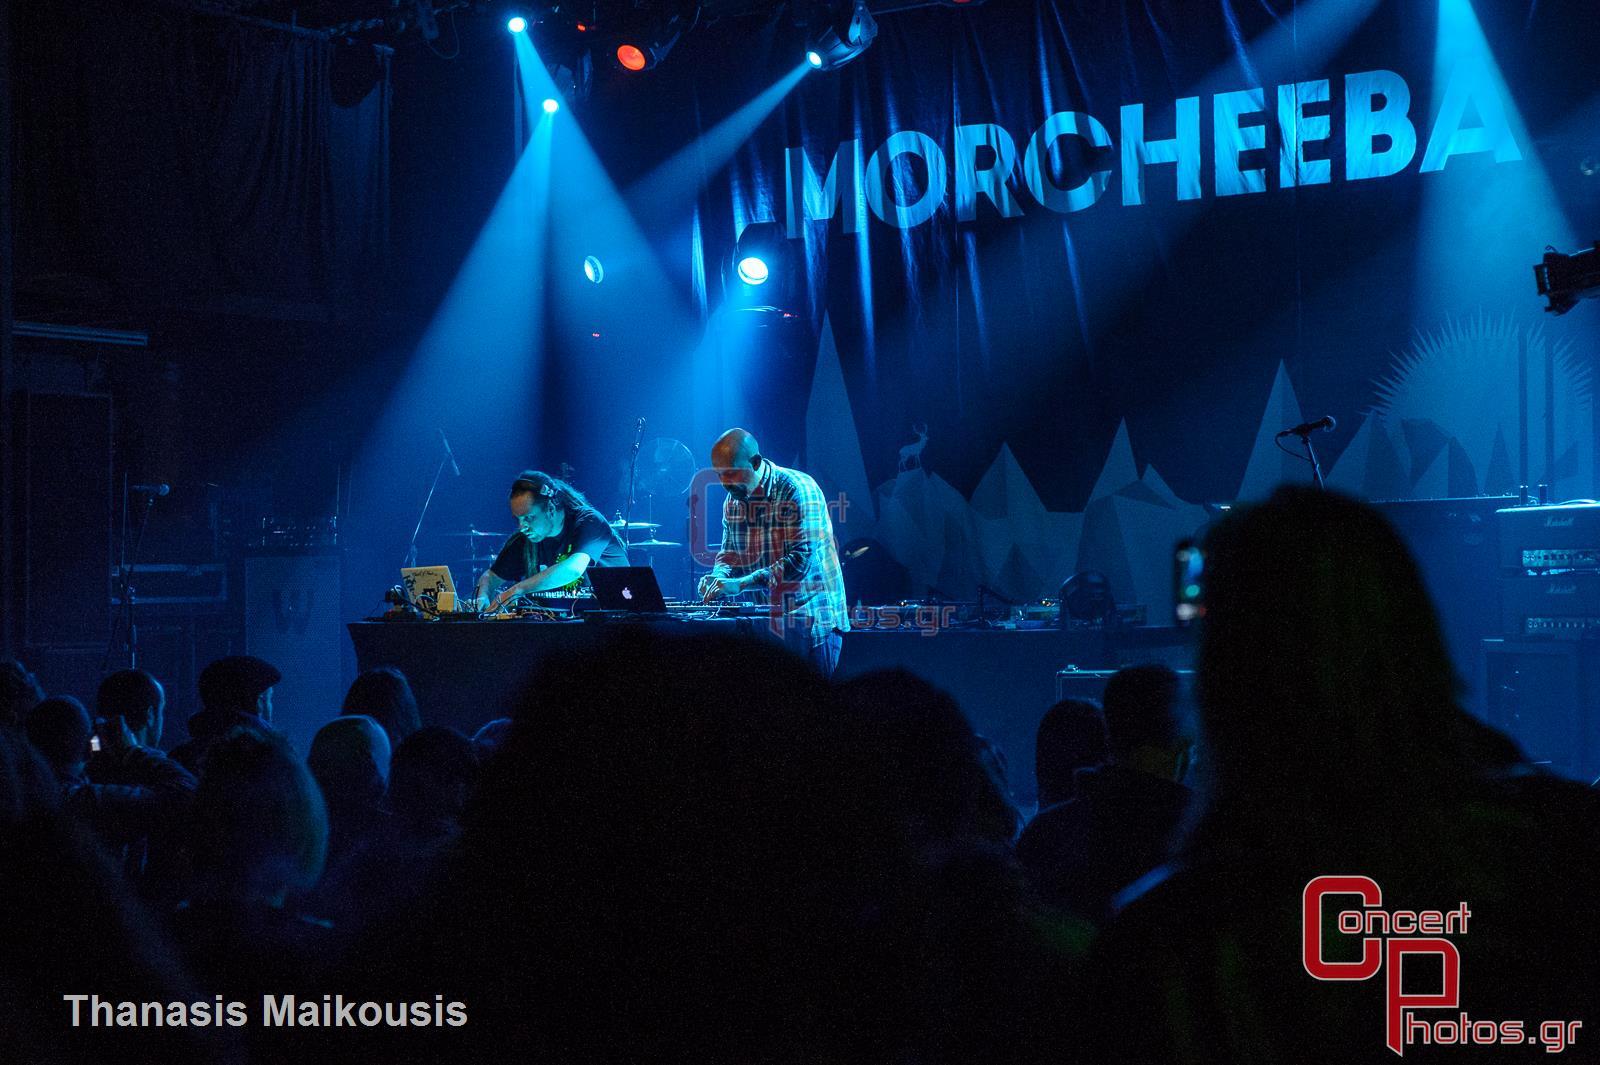 Morcheeba-Morcheeba Gagarin photographer: Thanasis Maikousis - ConcertPhotos-1341